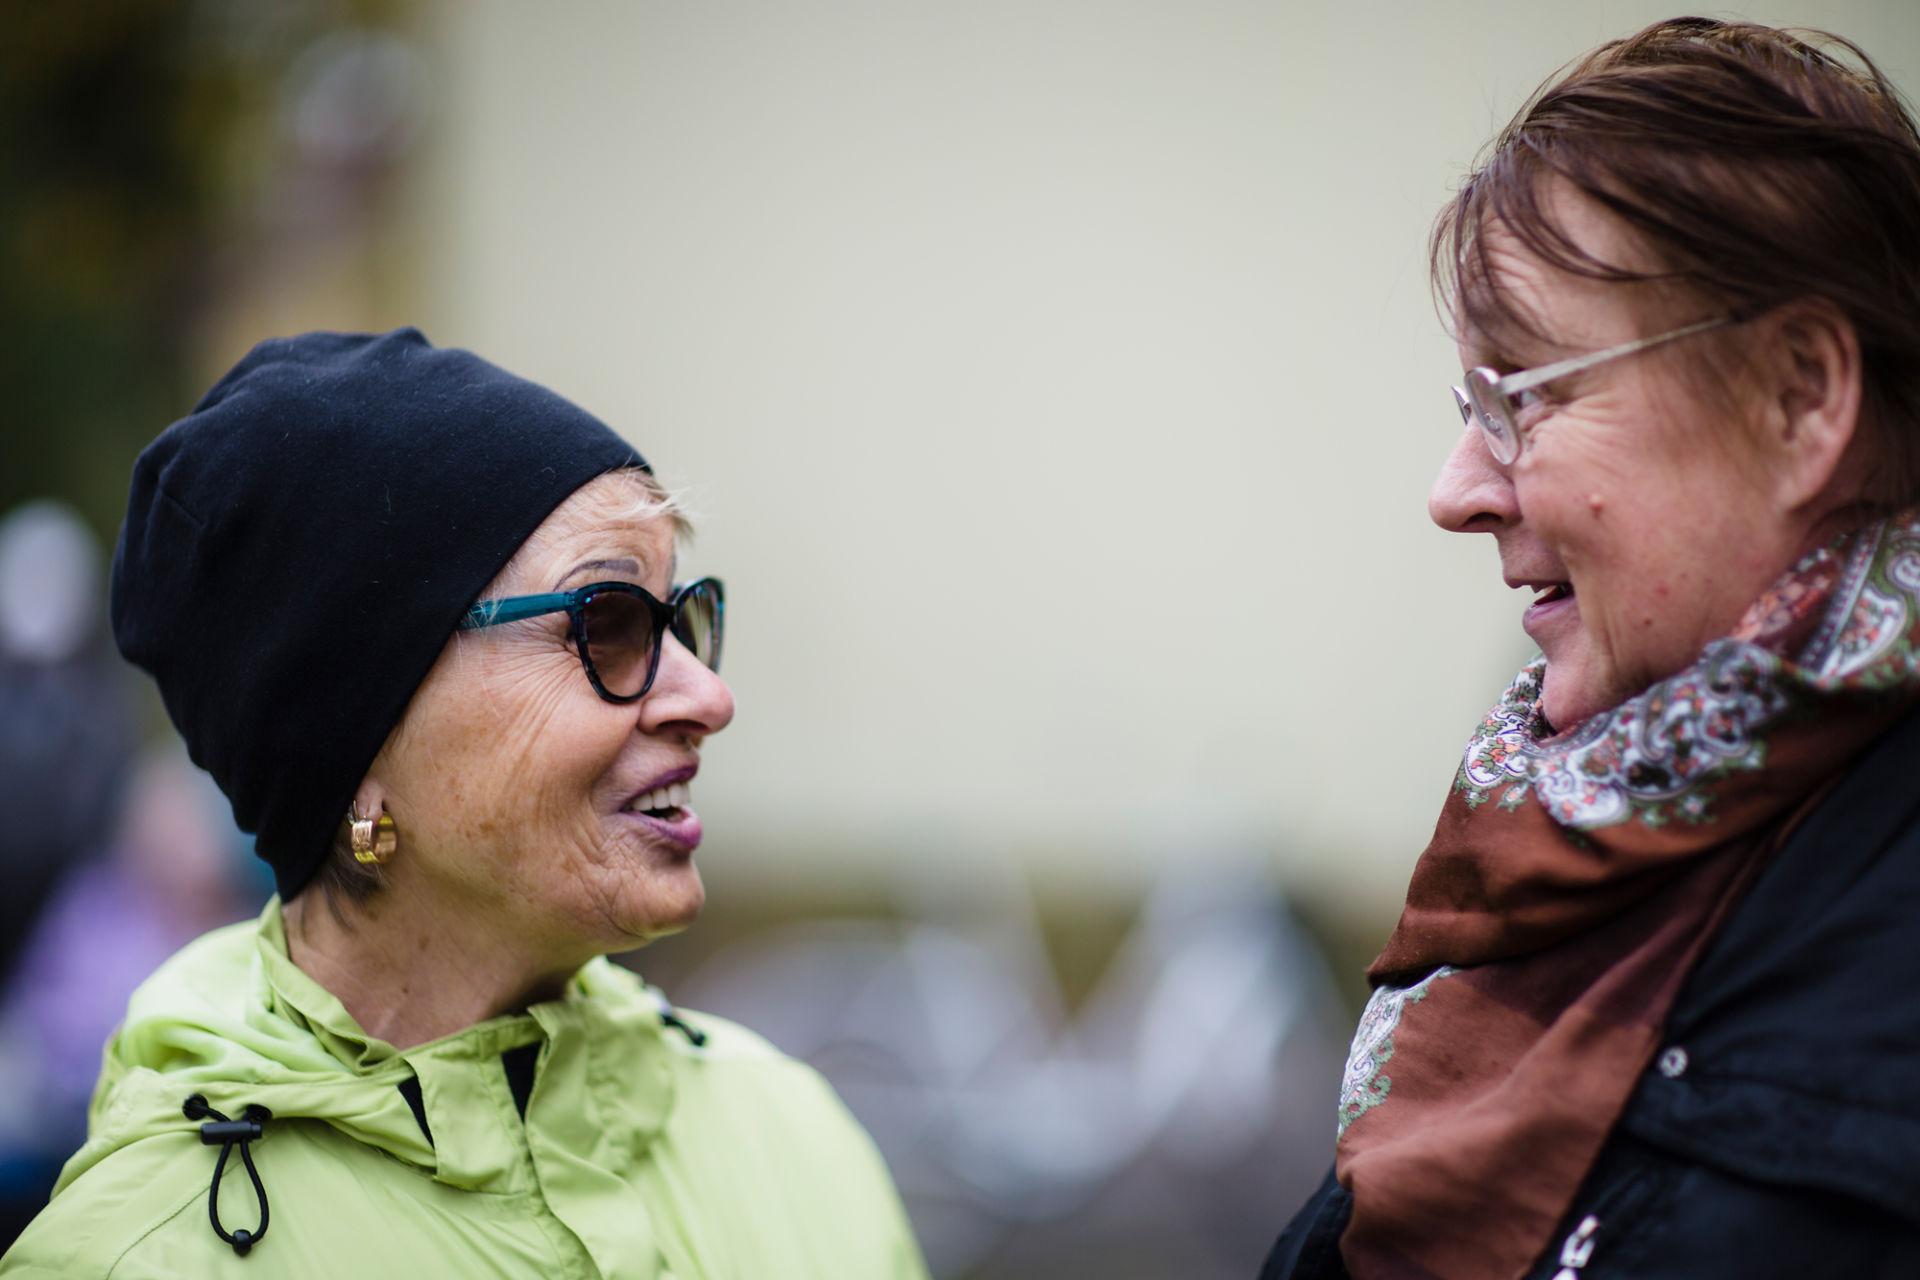 Kaksi naista juttelee keskenään.